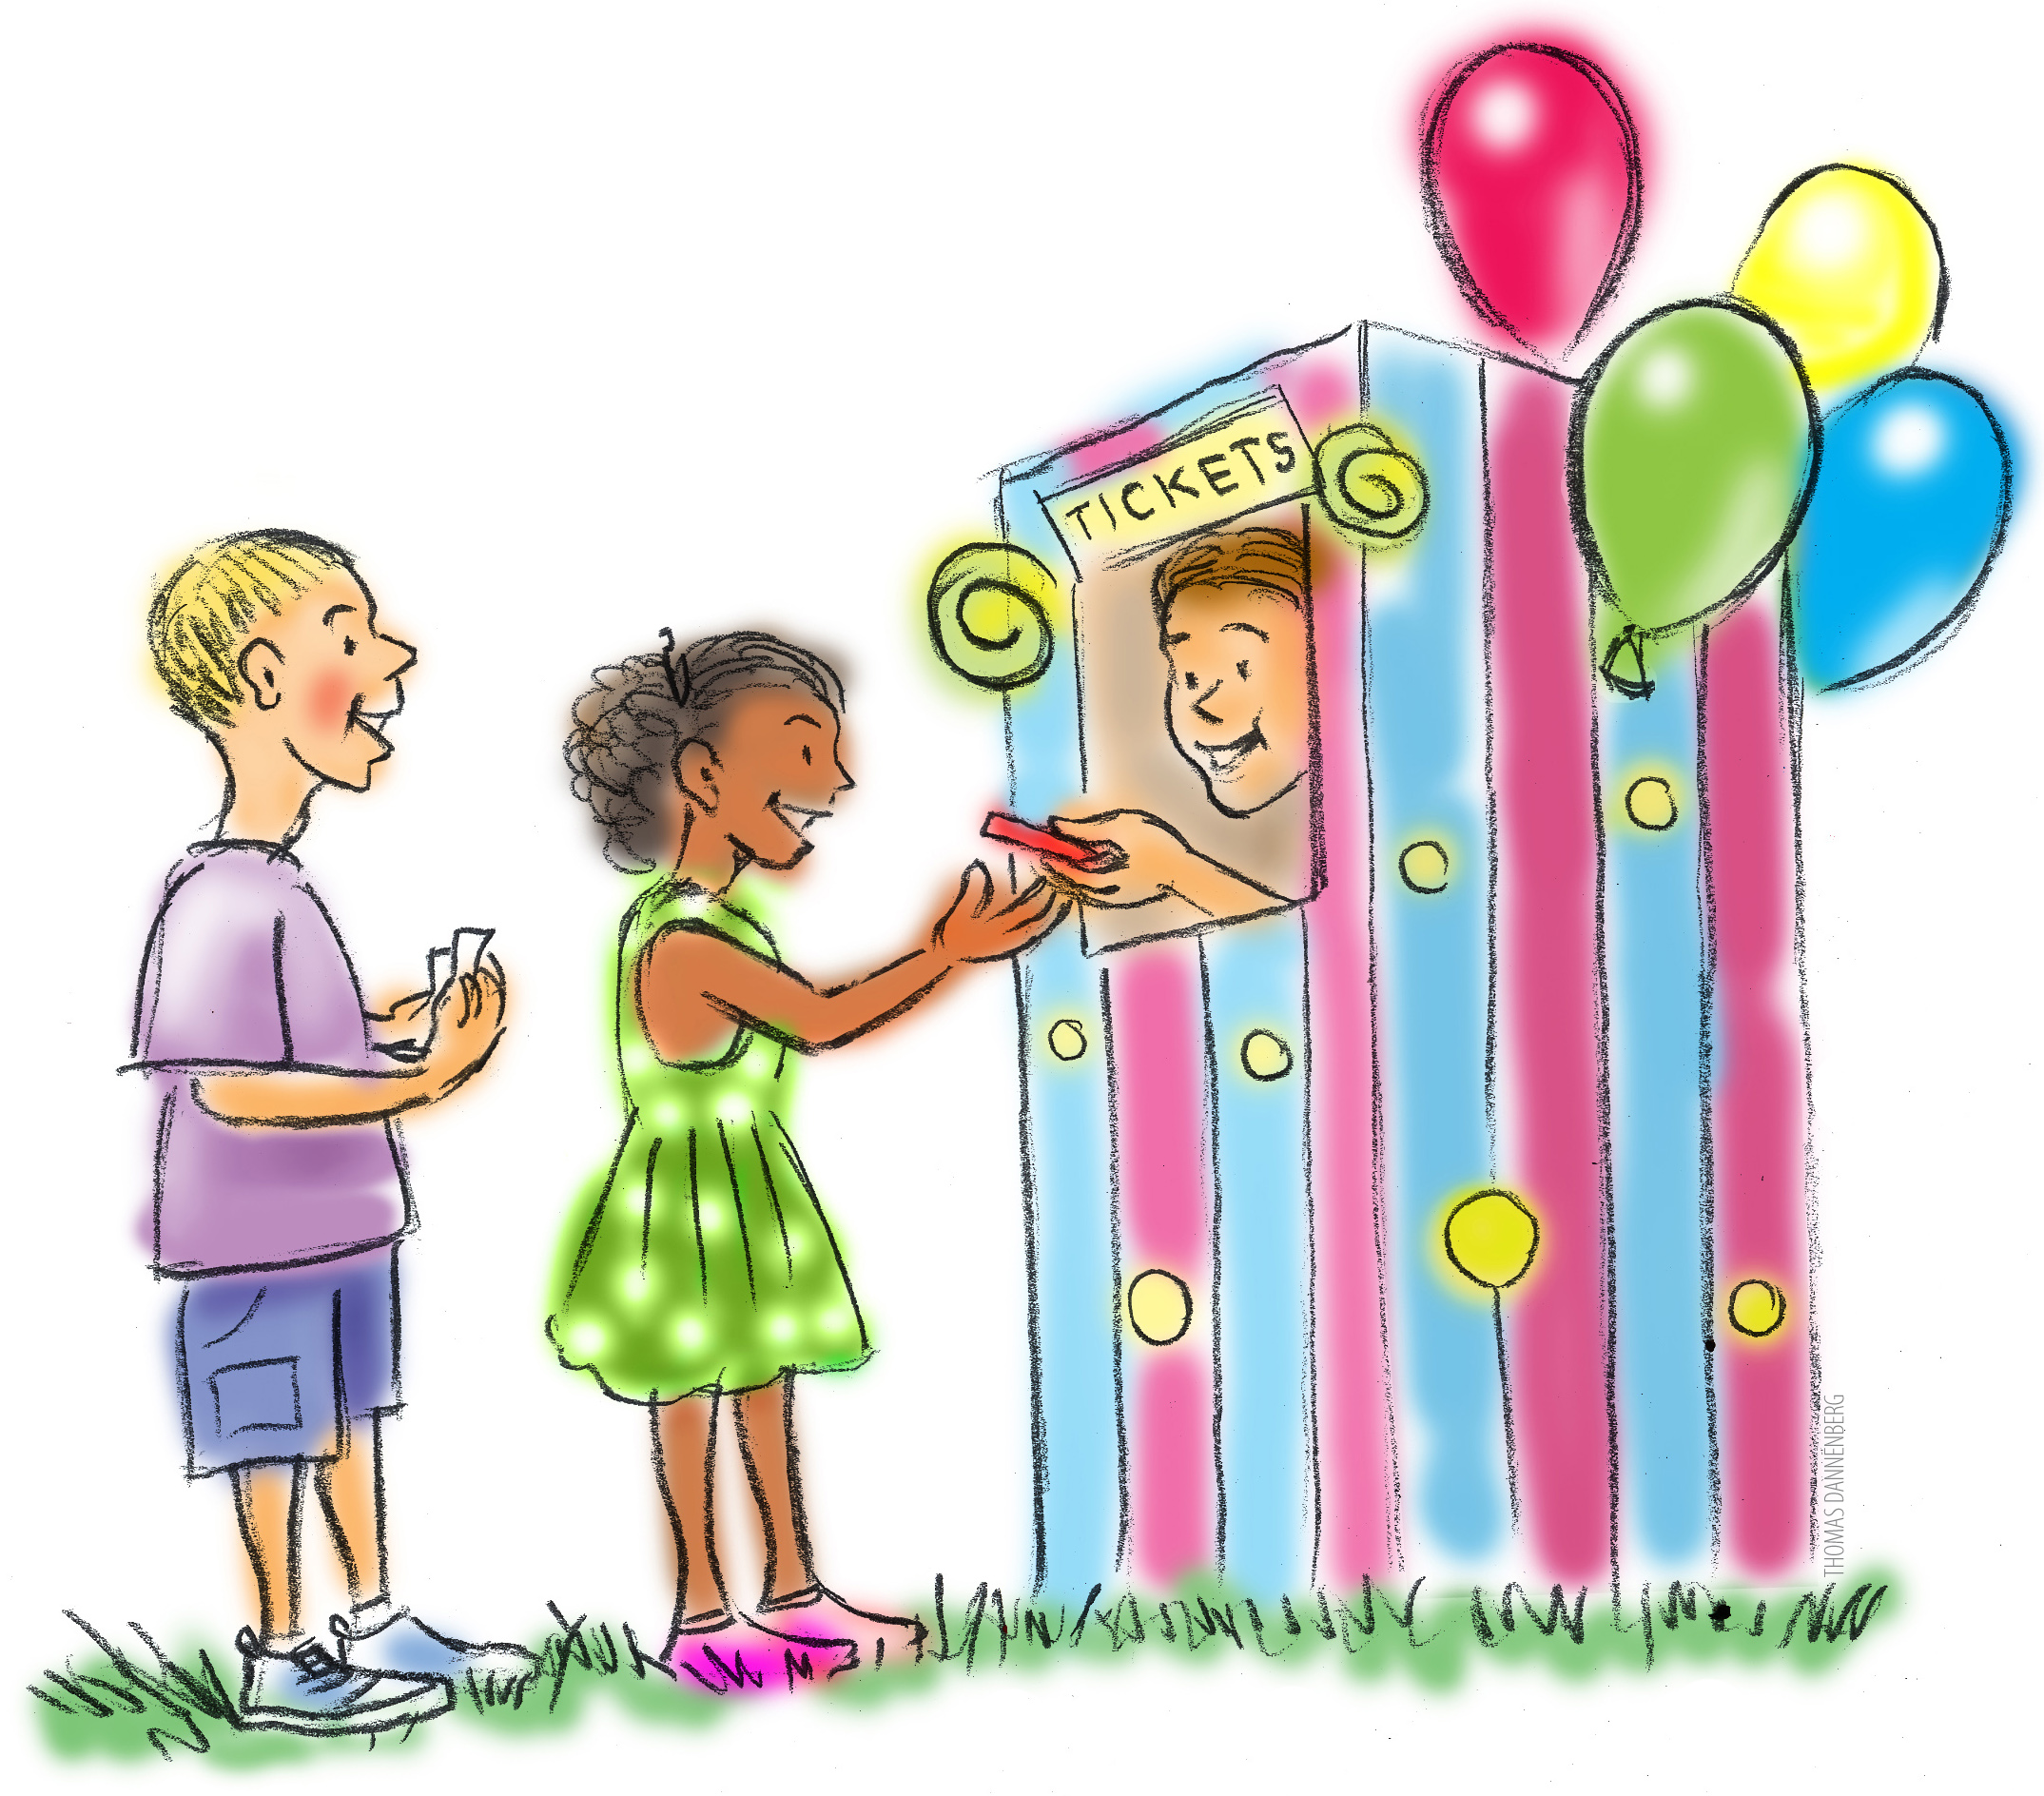 Festival clipart kids carnival Art clipart Kids Carnival carnival